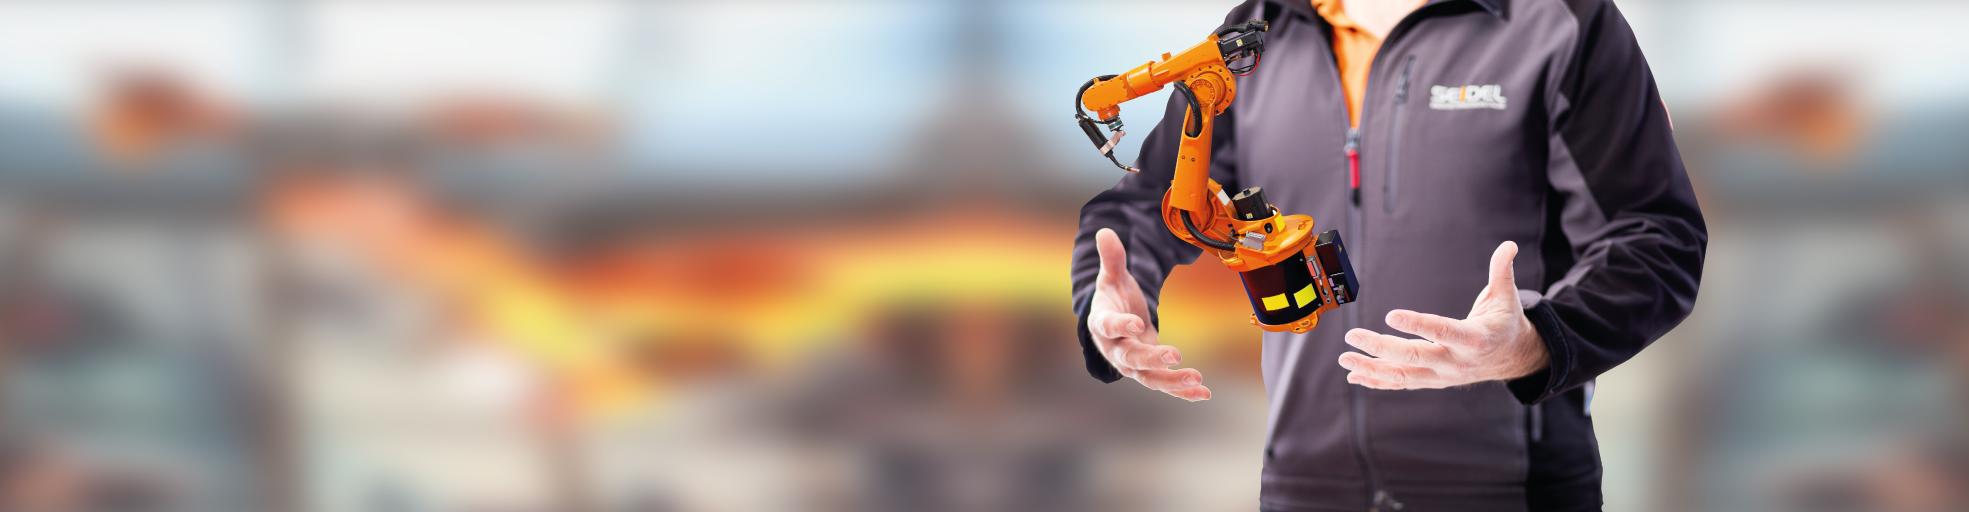 Seidel Industriemontagen Mitarbeiter mit schwebendem Roboter zwischen den Händen